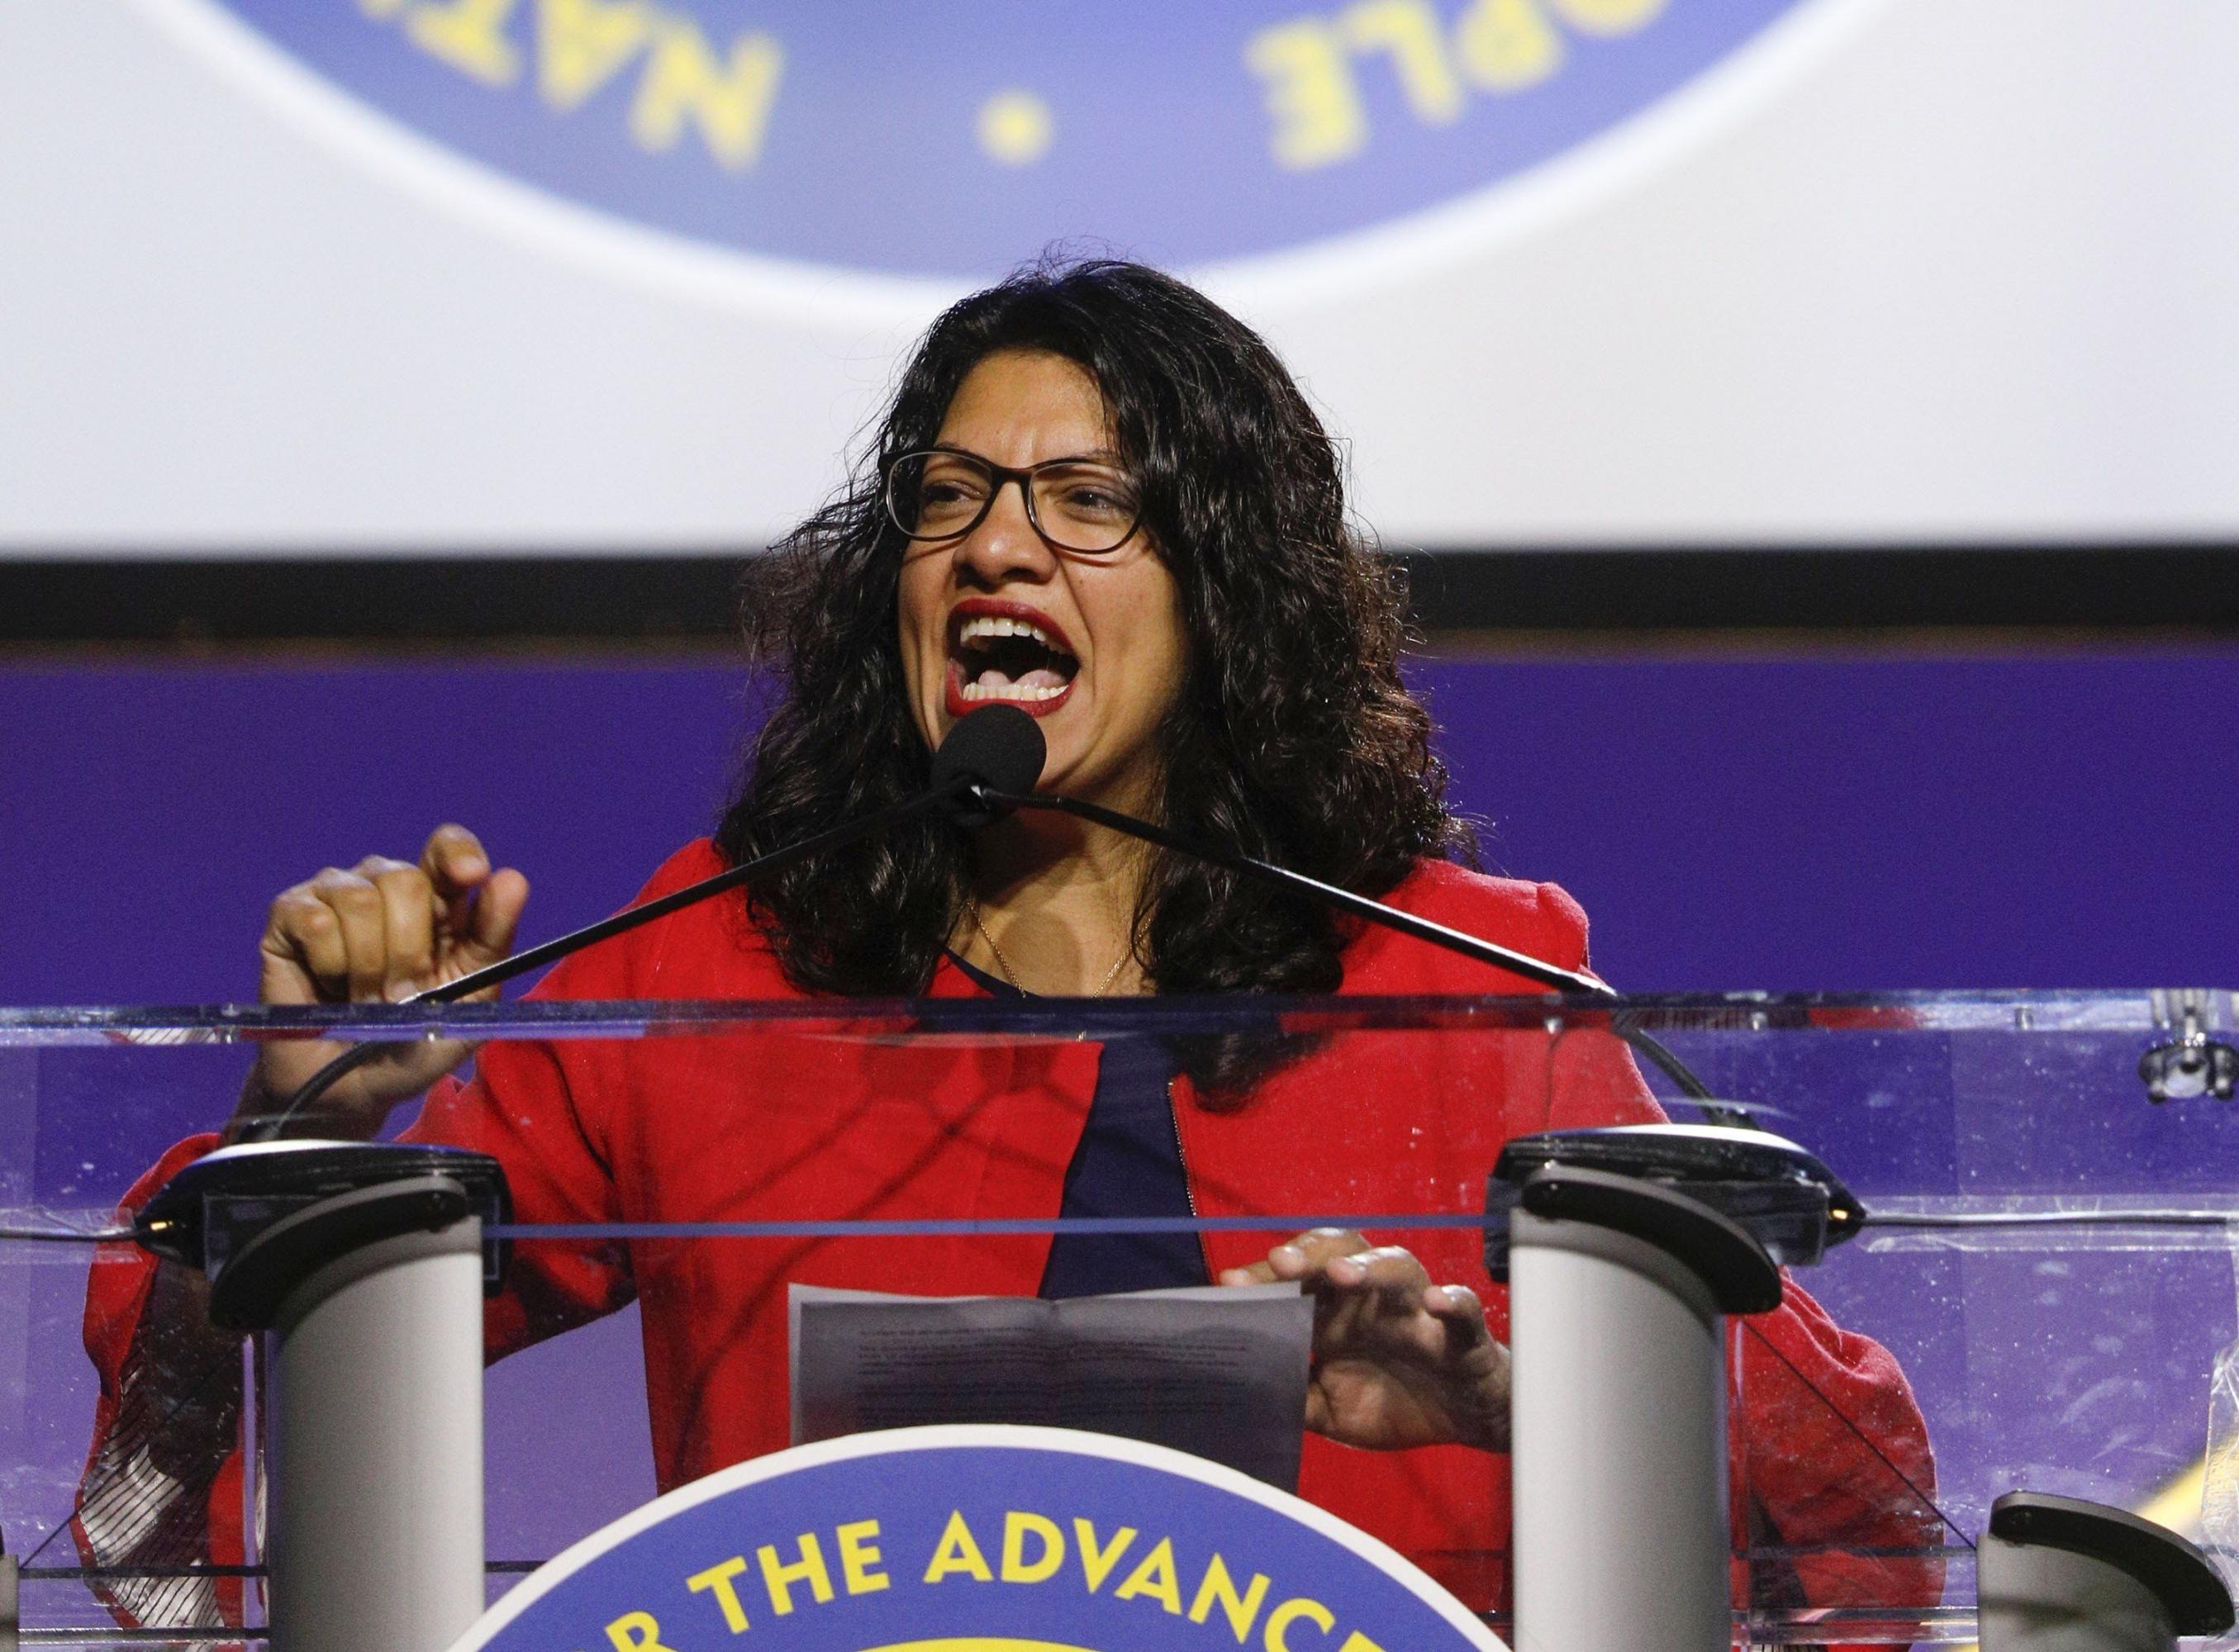 En la imagen, la representante estadounidense Rashida Tlaib. (Foto: AFP)